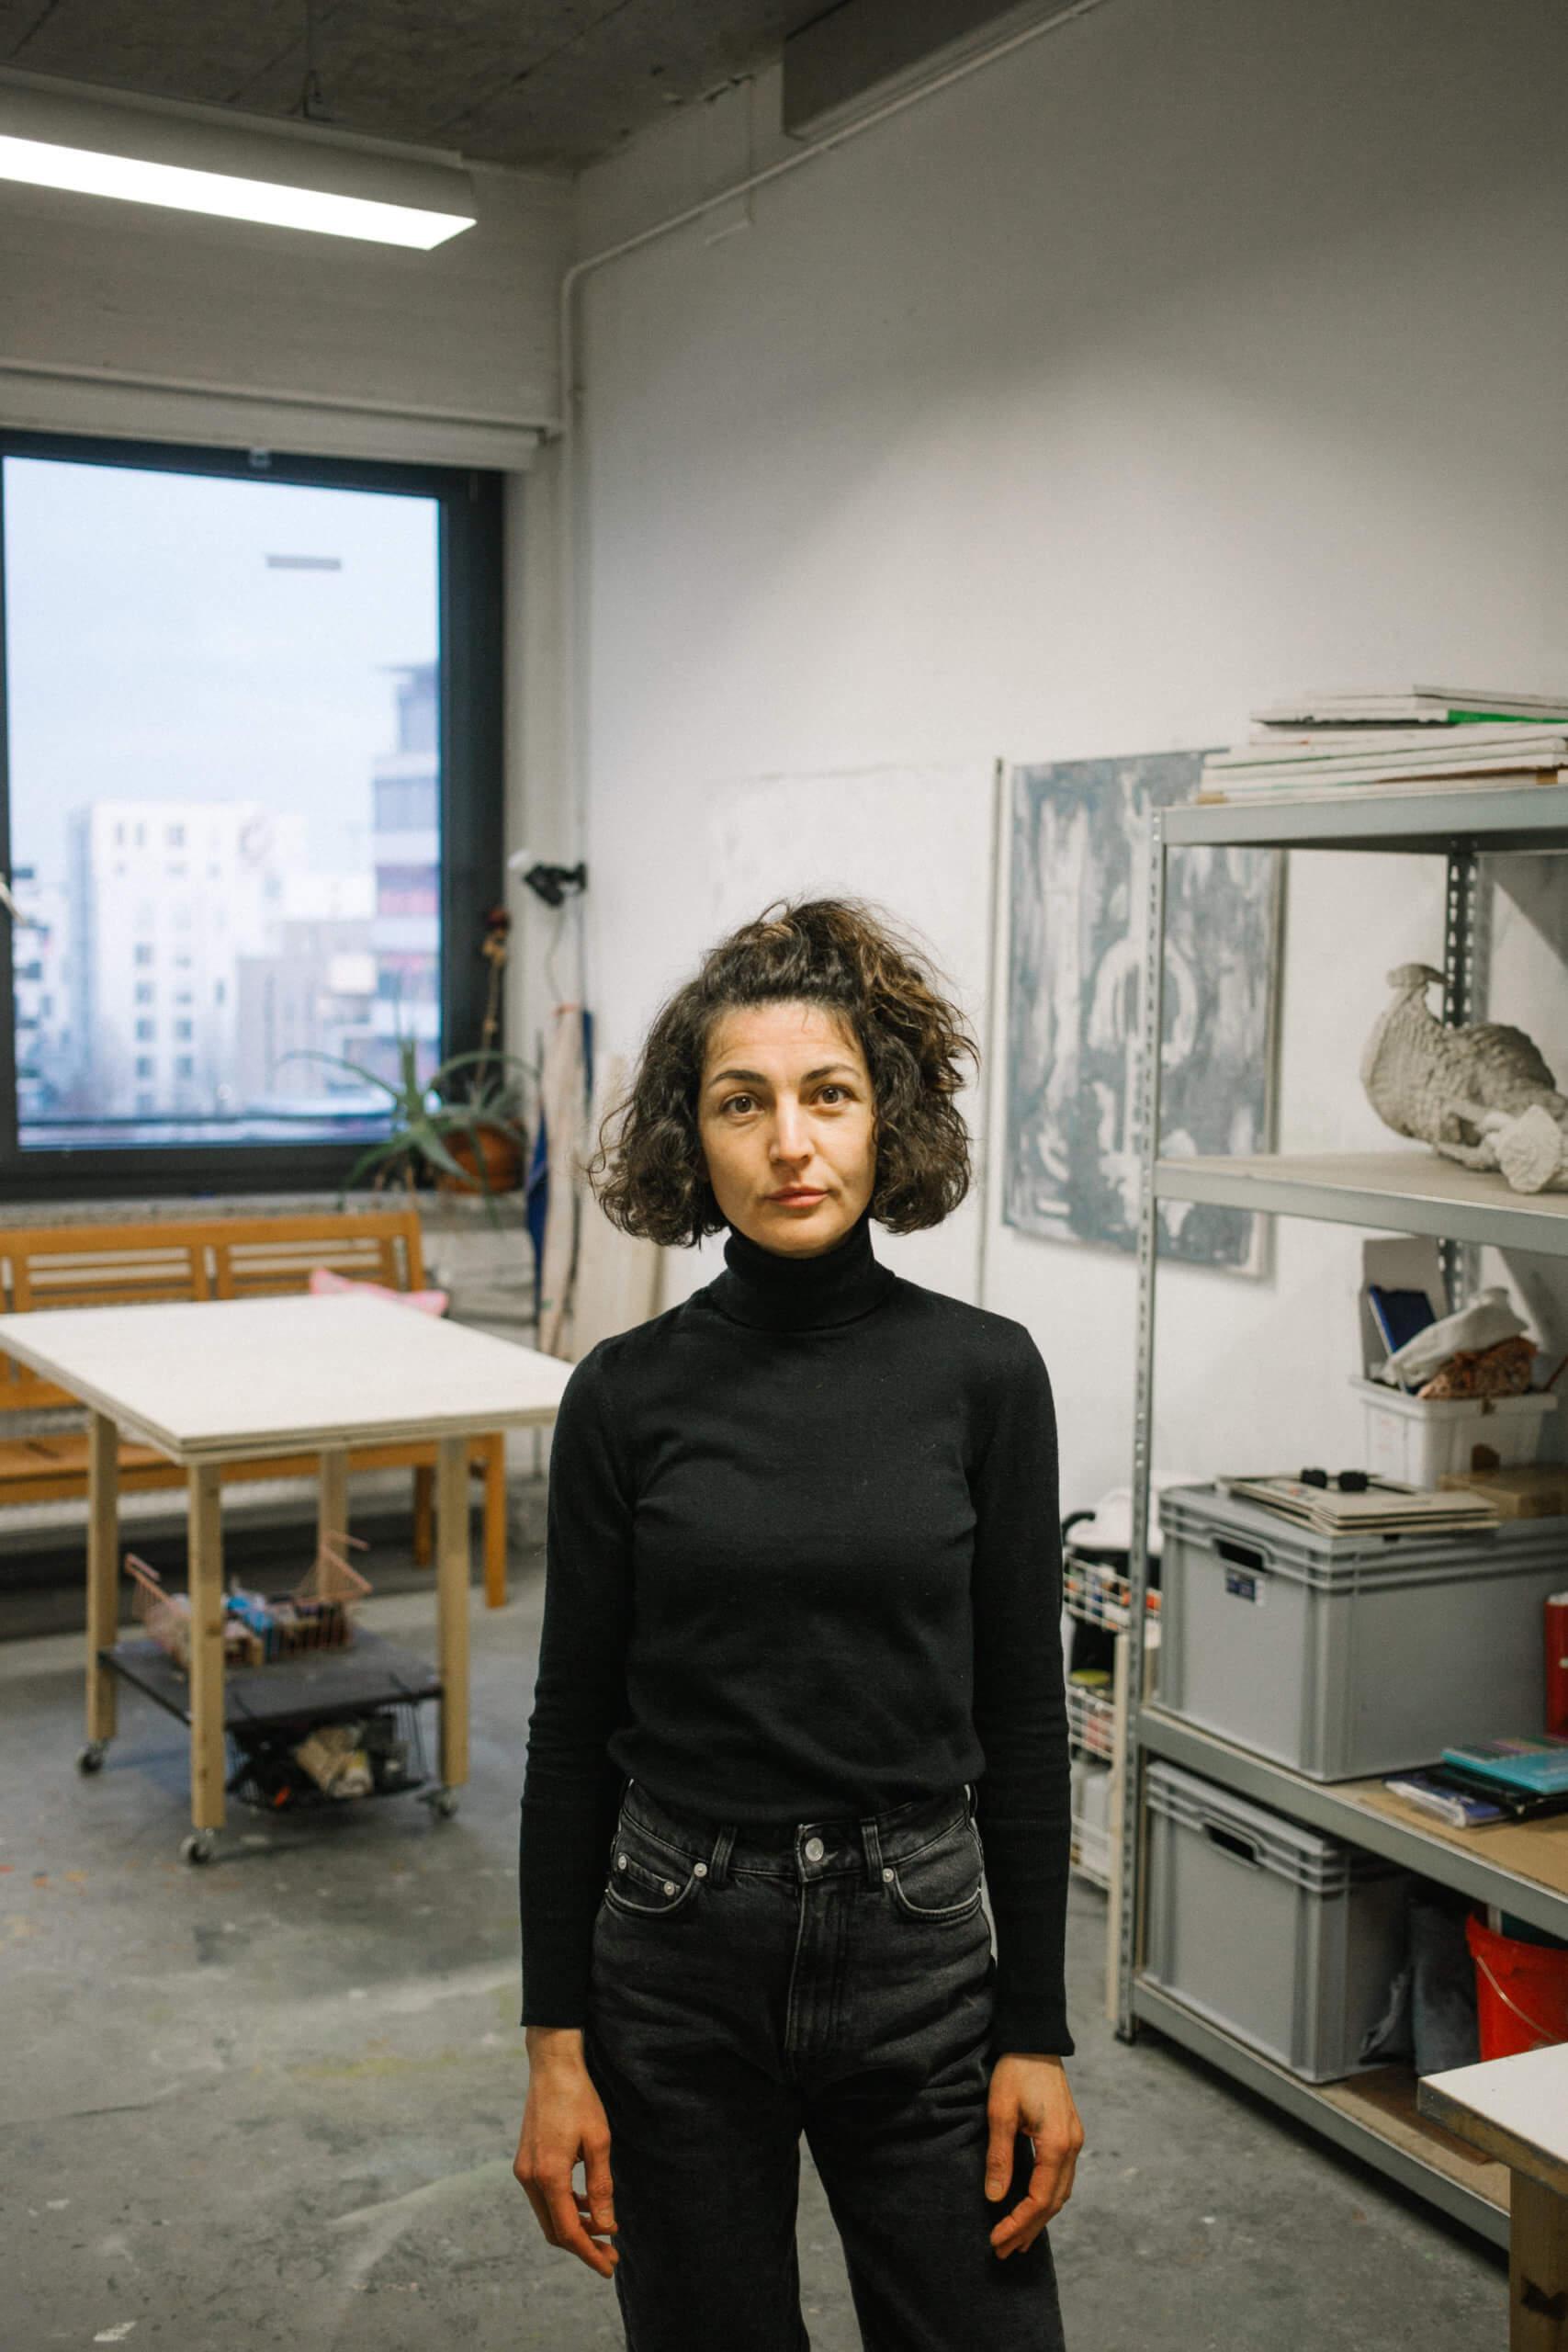 Die Künstlerin Gülcan Turna steht in ihrem Atelier und blickt frontal in die Kamera.